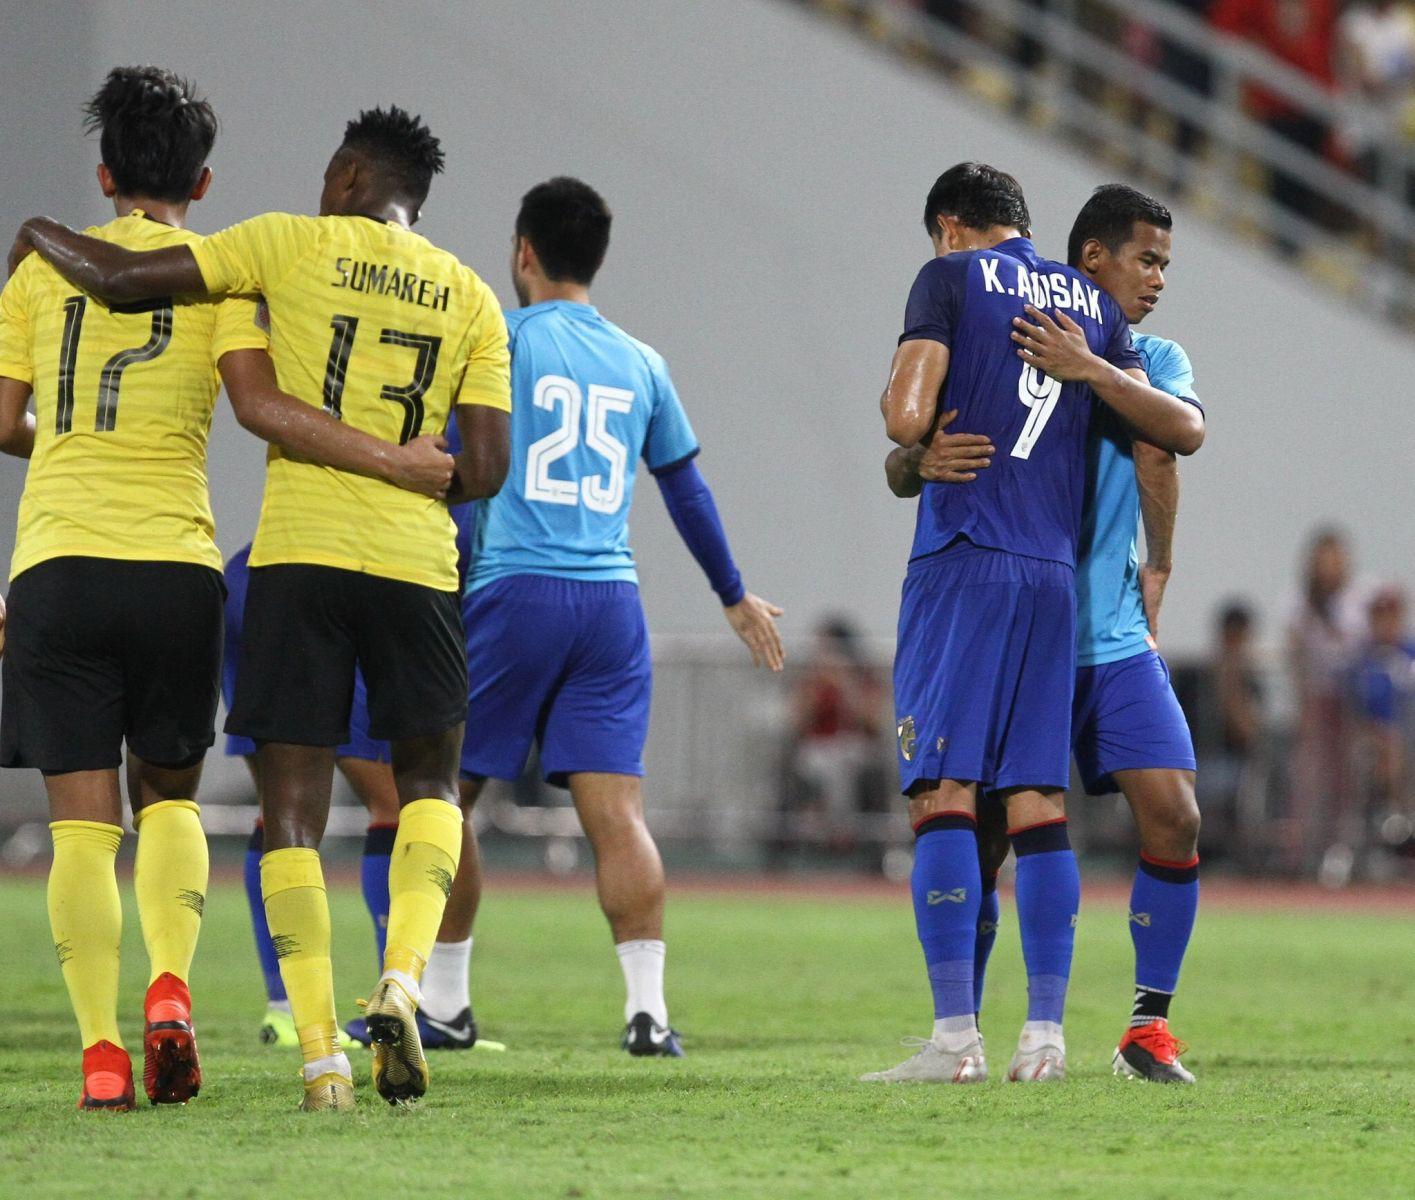 Các cầu thủ Thái Lan cùng nhau động viên Adisak. Ai cũng hiểu áp lực trên chấm phạt đền lớn thế nào. Nhiều ngôi sao đẳng cấp thế giới đã không thể chiến thắng nổi sức nặng ngàn cân khi đứng trước quả đá đầy may rủi như vậy.